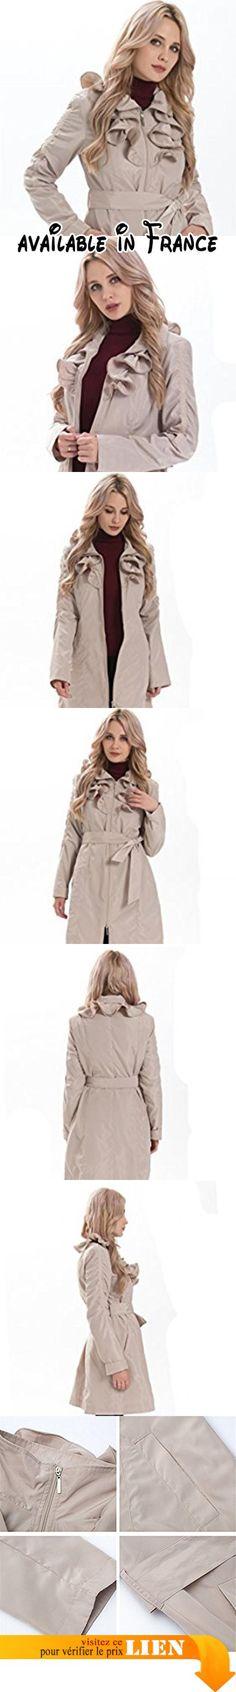 B073FF4181 : MS VASSA Femme Manteau Trench Coat Slim Fit Veste Vêtements 3XL Beige.